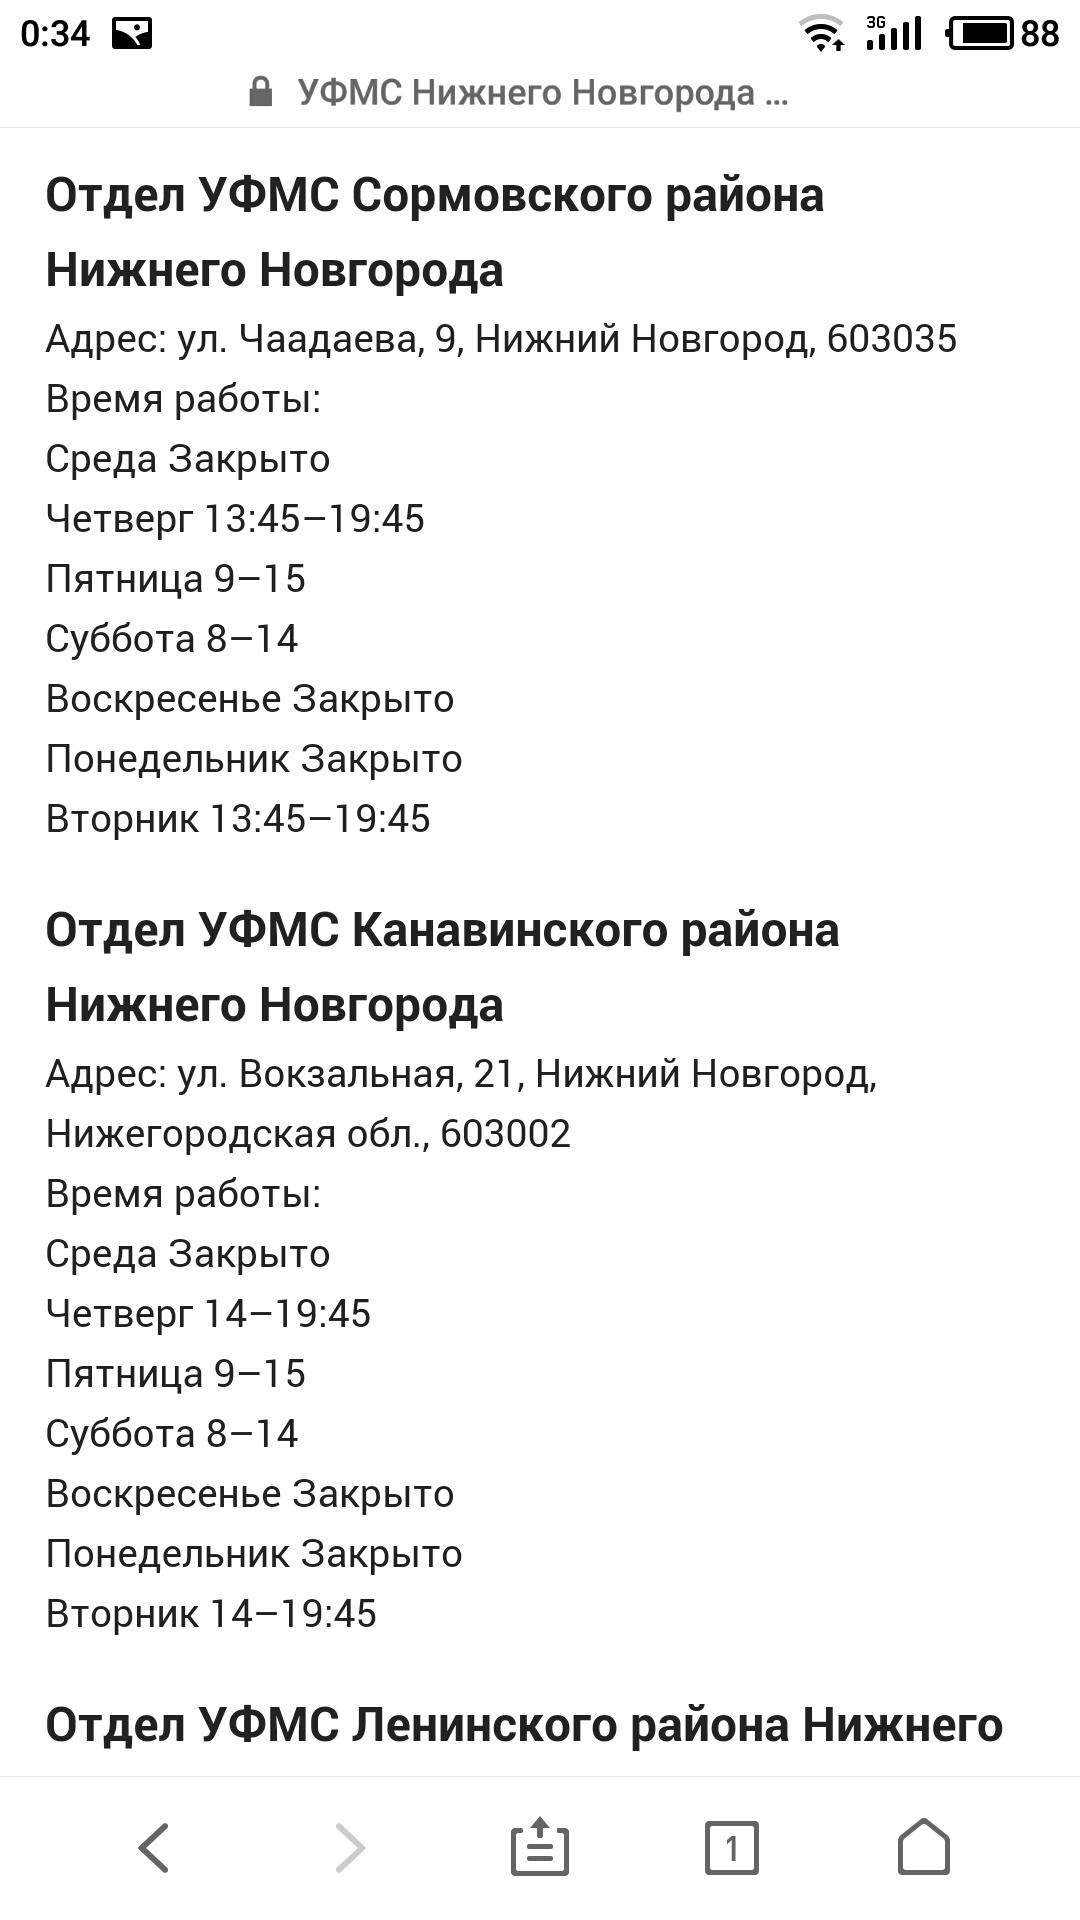 Социальный проездной билет в пермском крае